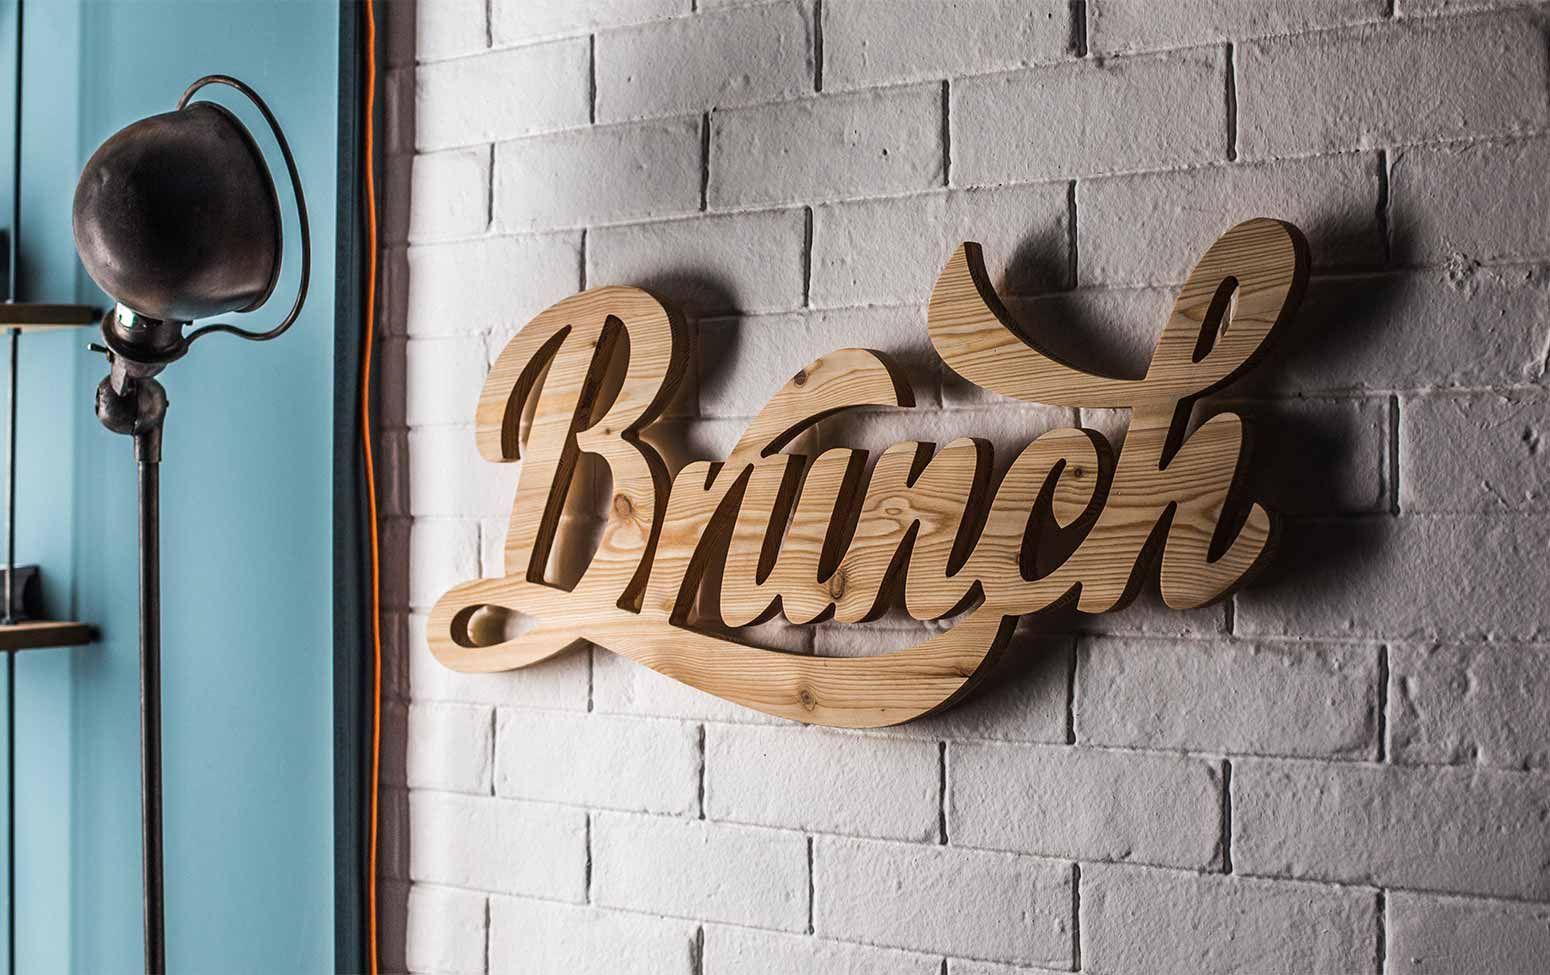 Objet déco Wood signage, Shop sign design, Signage design